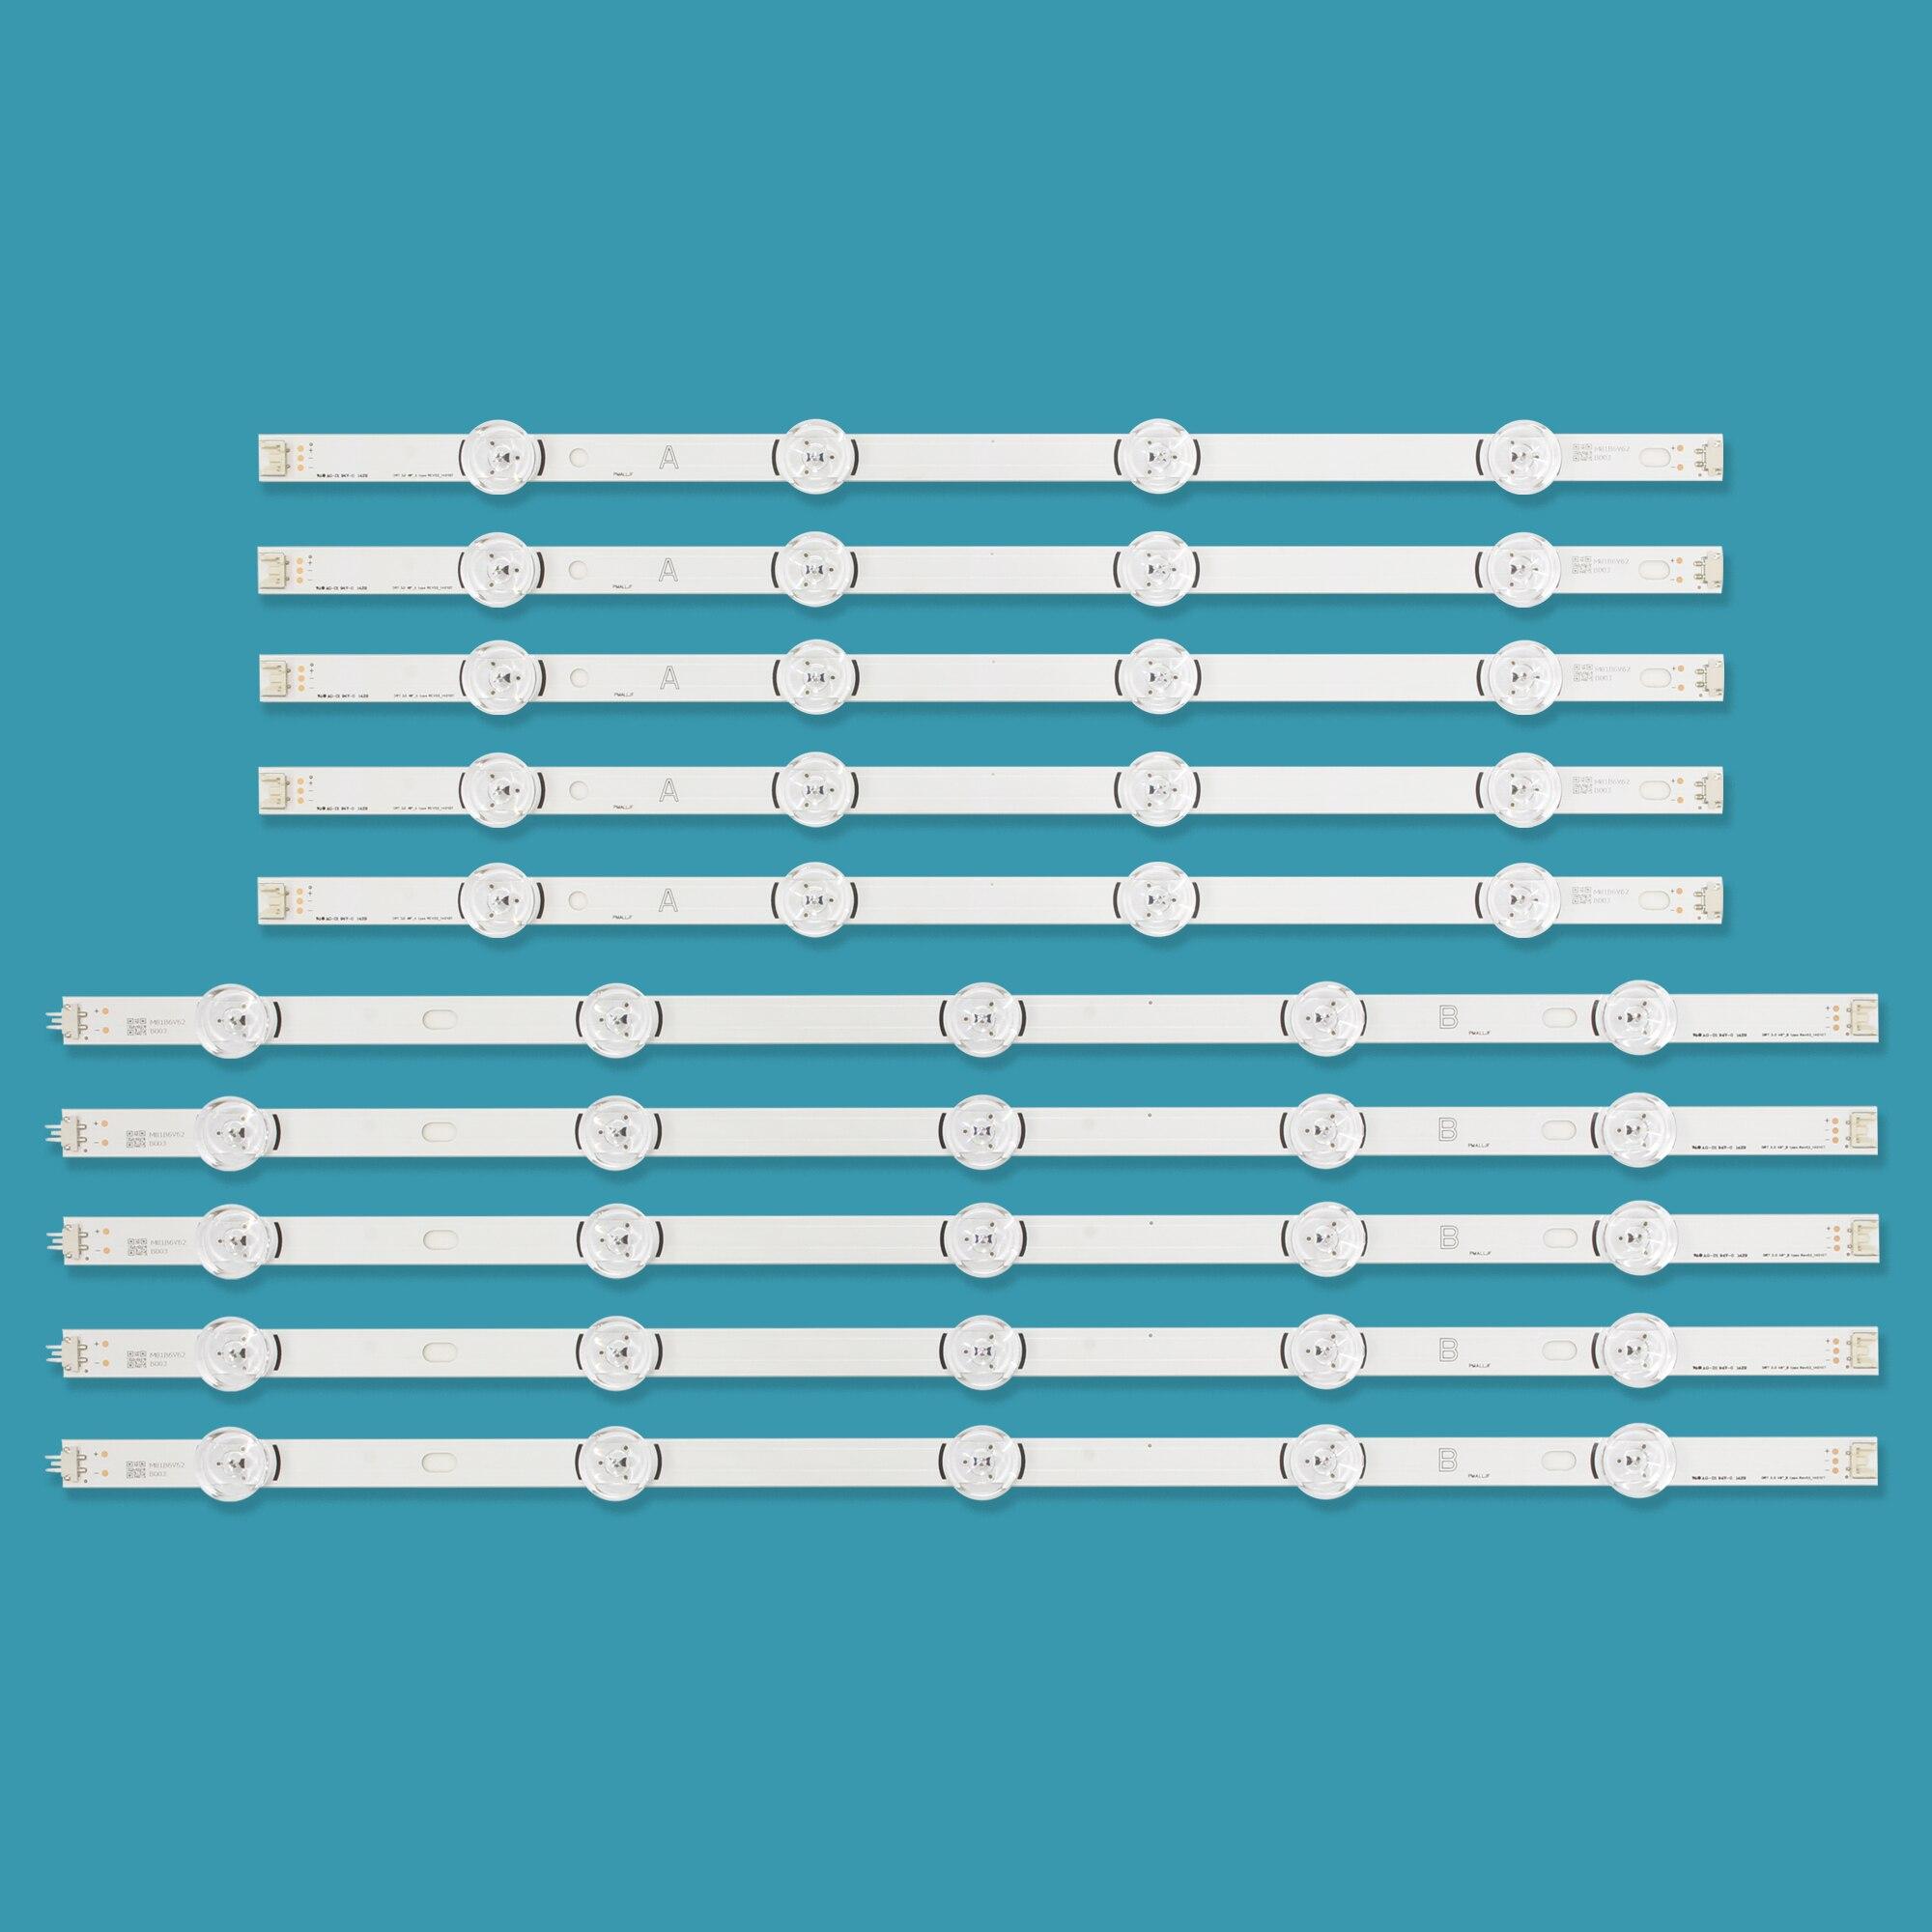 LED Backlight Strip For LG 49lb5200 49LB580U 49LF5800 49LF5610 49LB570B 49LB551 49LB550V 49LB561V